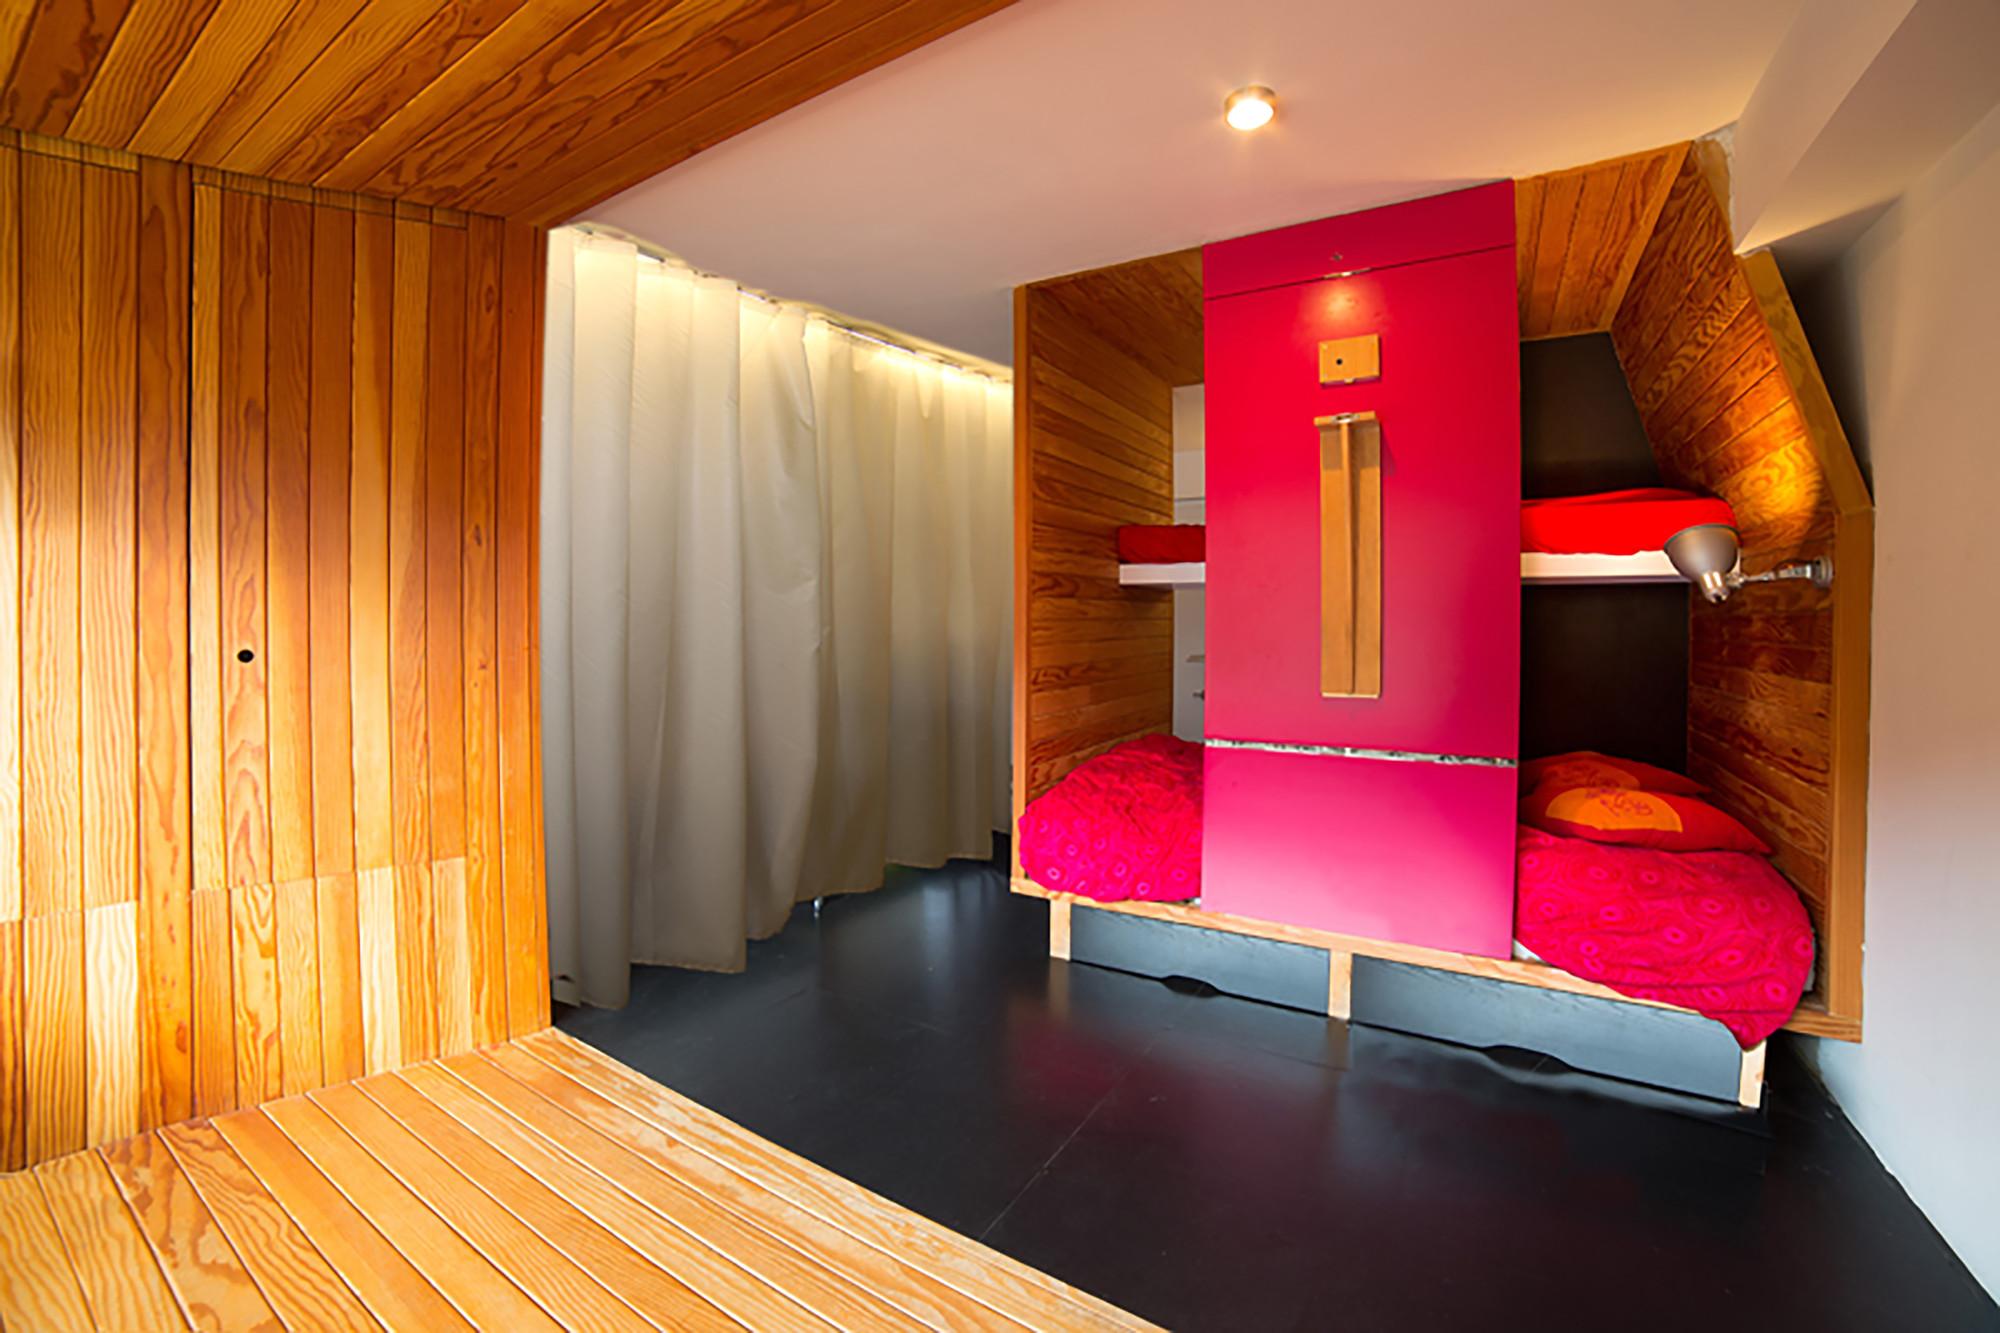 Studio in a Mountain Resort / Beriot Bernardini Arquitectos, © Yen Chen